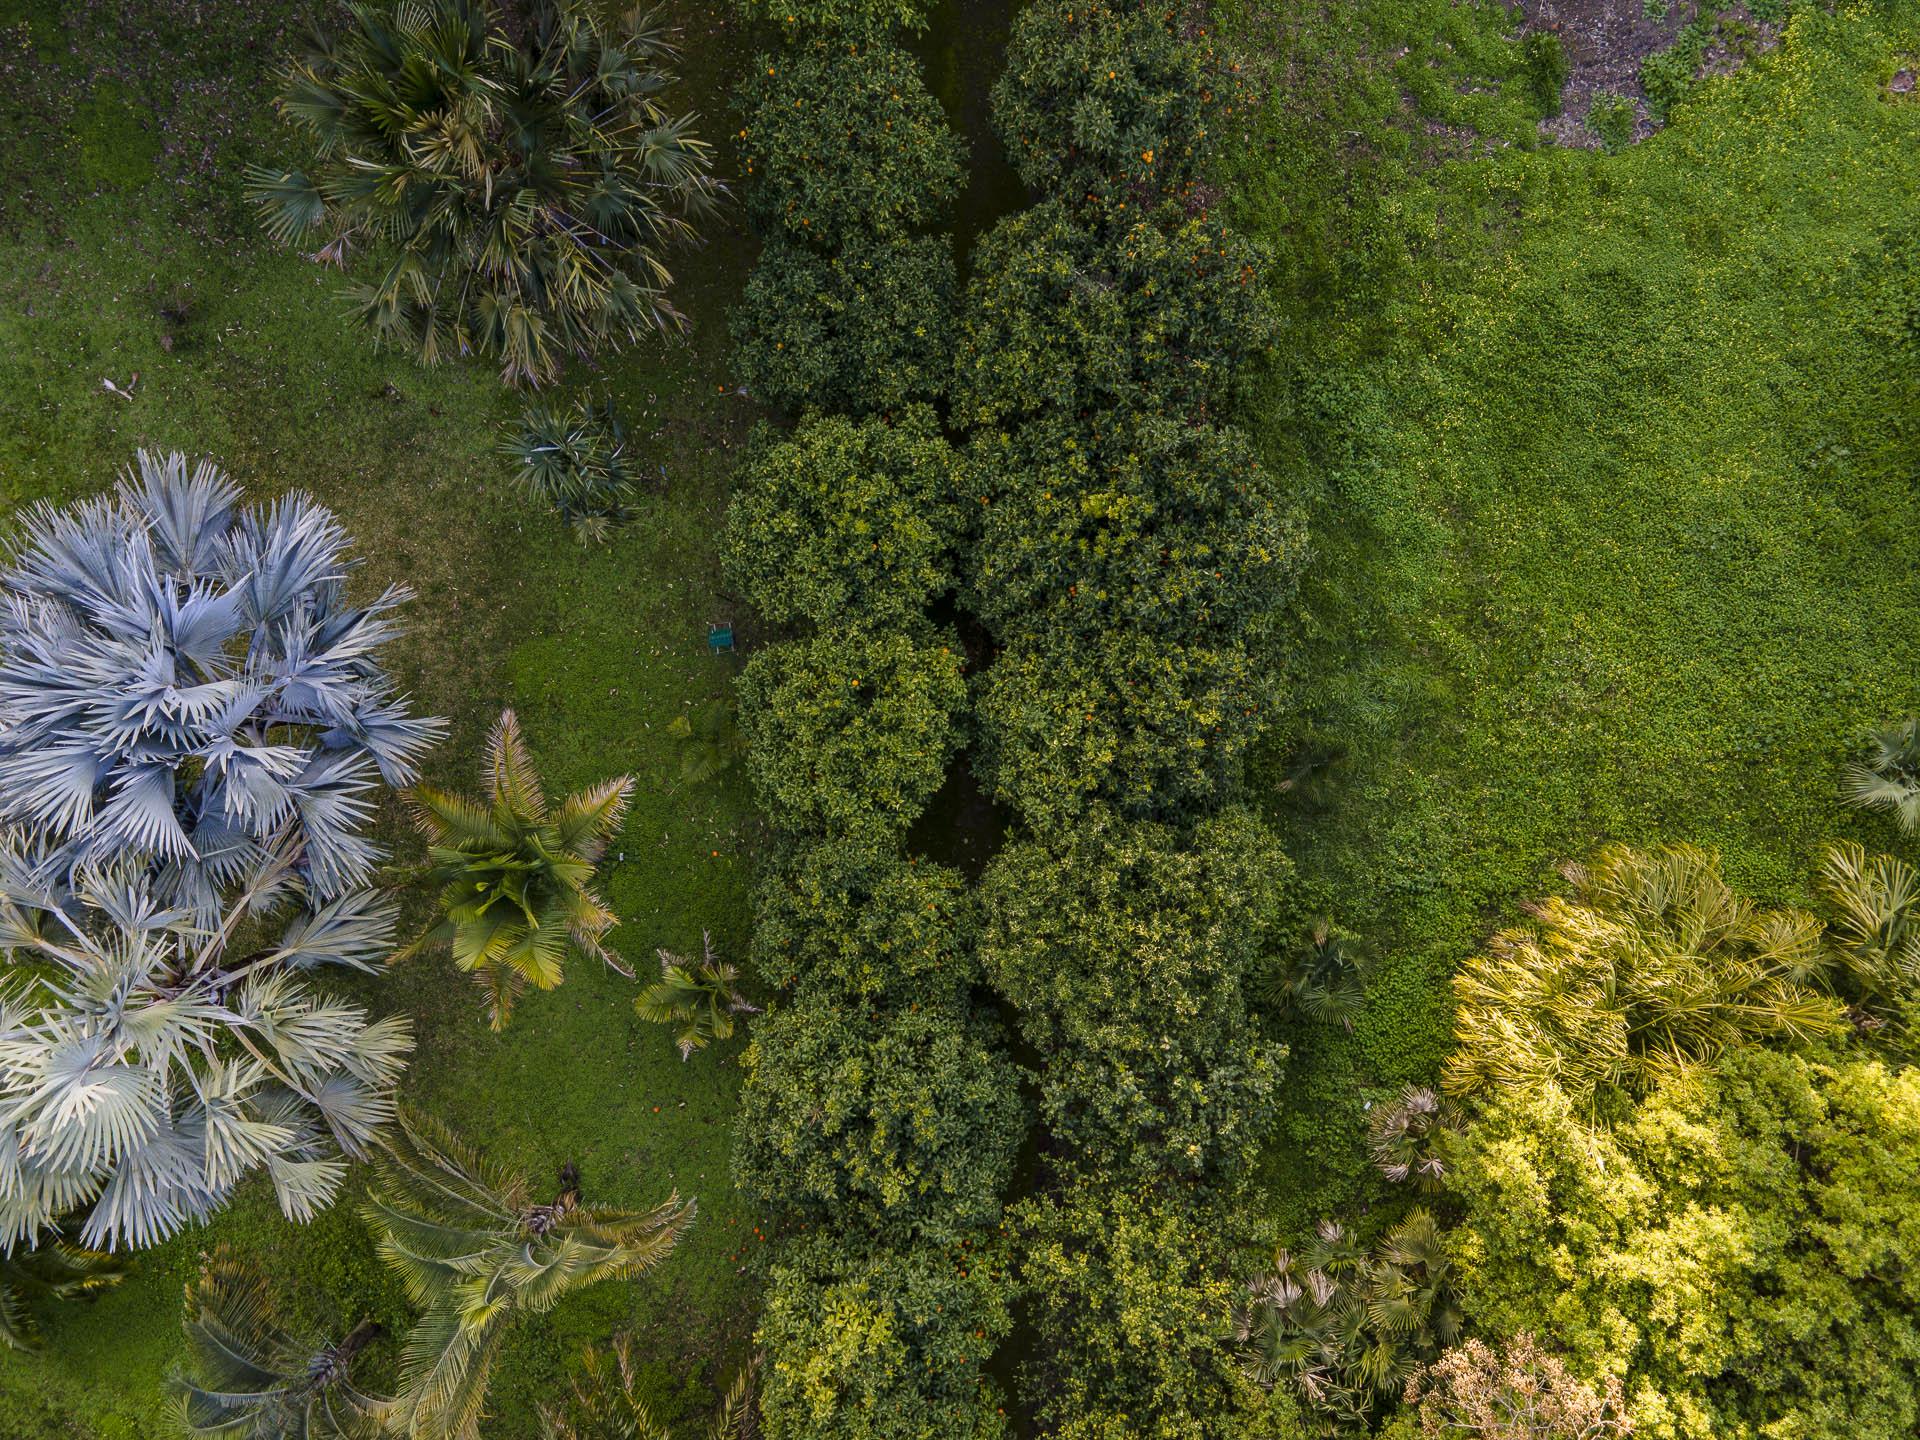 Orto_Botanico_043DJI_0025